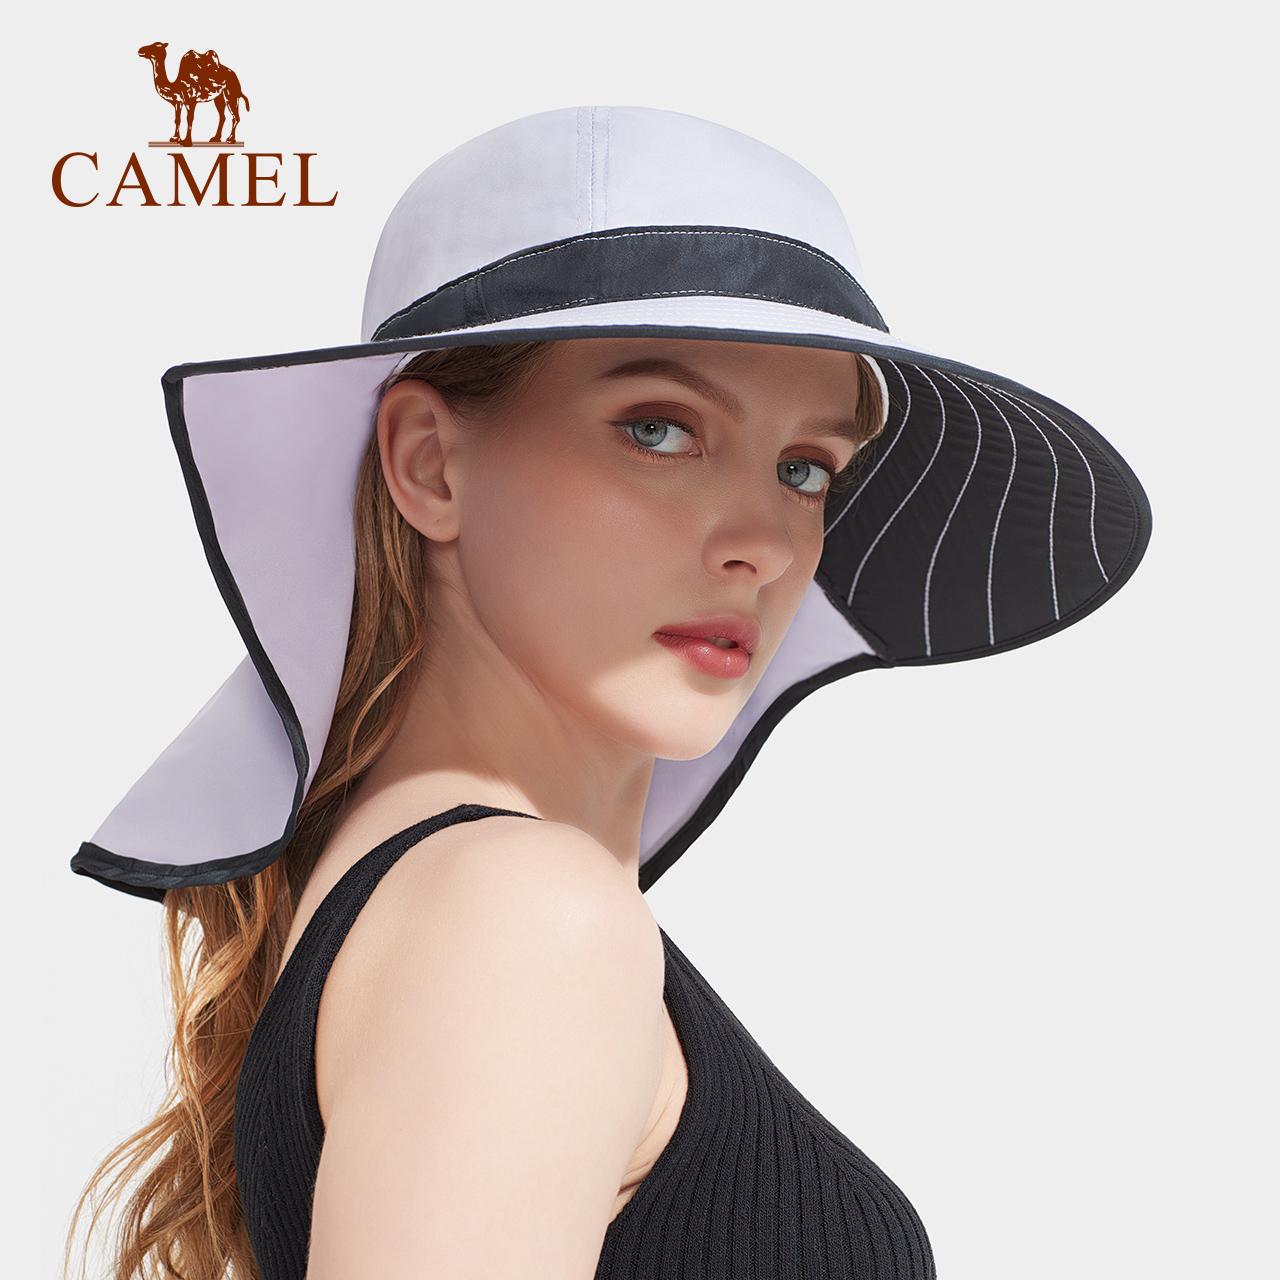 骆驼户外护颈遮阳防晒帽子遮脸防紫外线男女夏骑行大沿太阳钓鱼帽